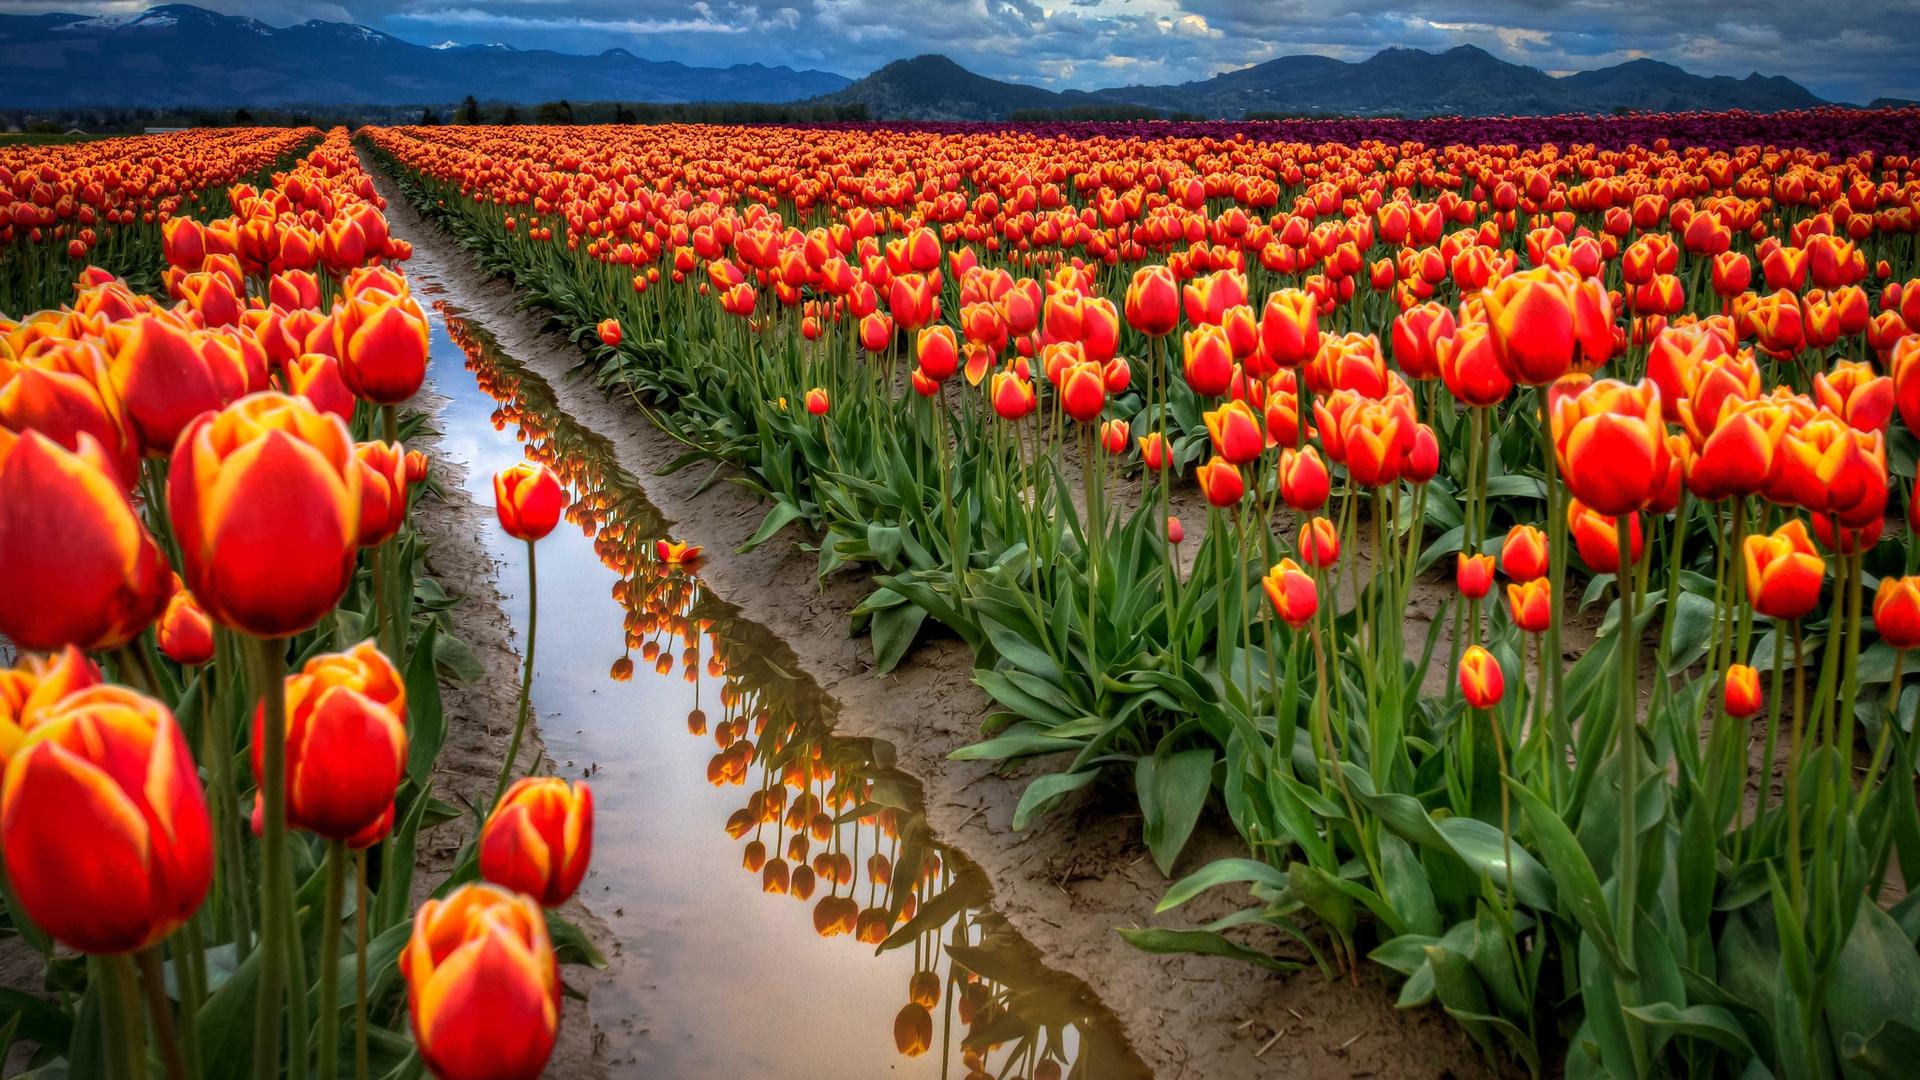 http://3.bp.blogspot.com/-TWKmDcQT1fQ/UGEtPf7wH6I/AAAAAAAAKeM/75LSVmtUSKM/s0/all-around-tulips-1920x1080-wallpaper.jpg